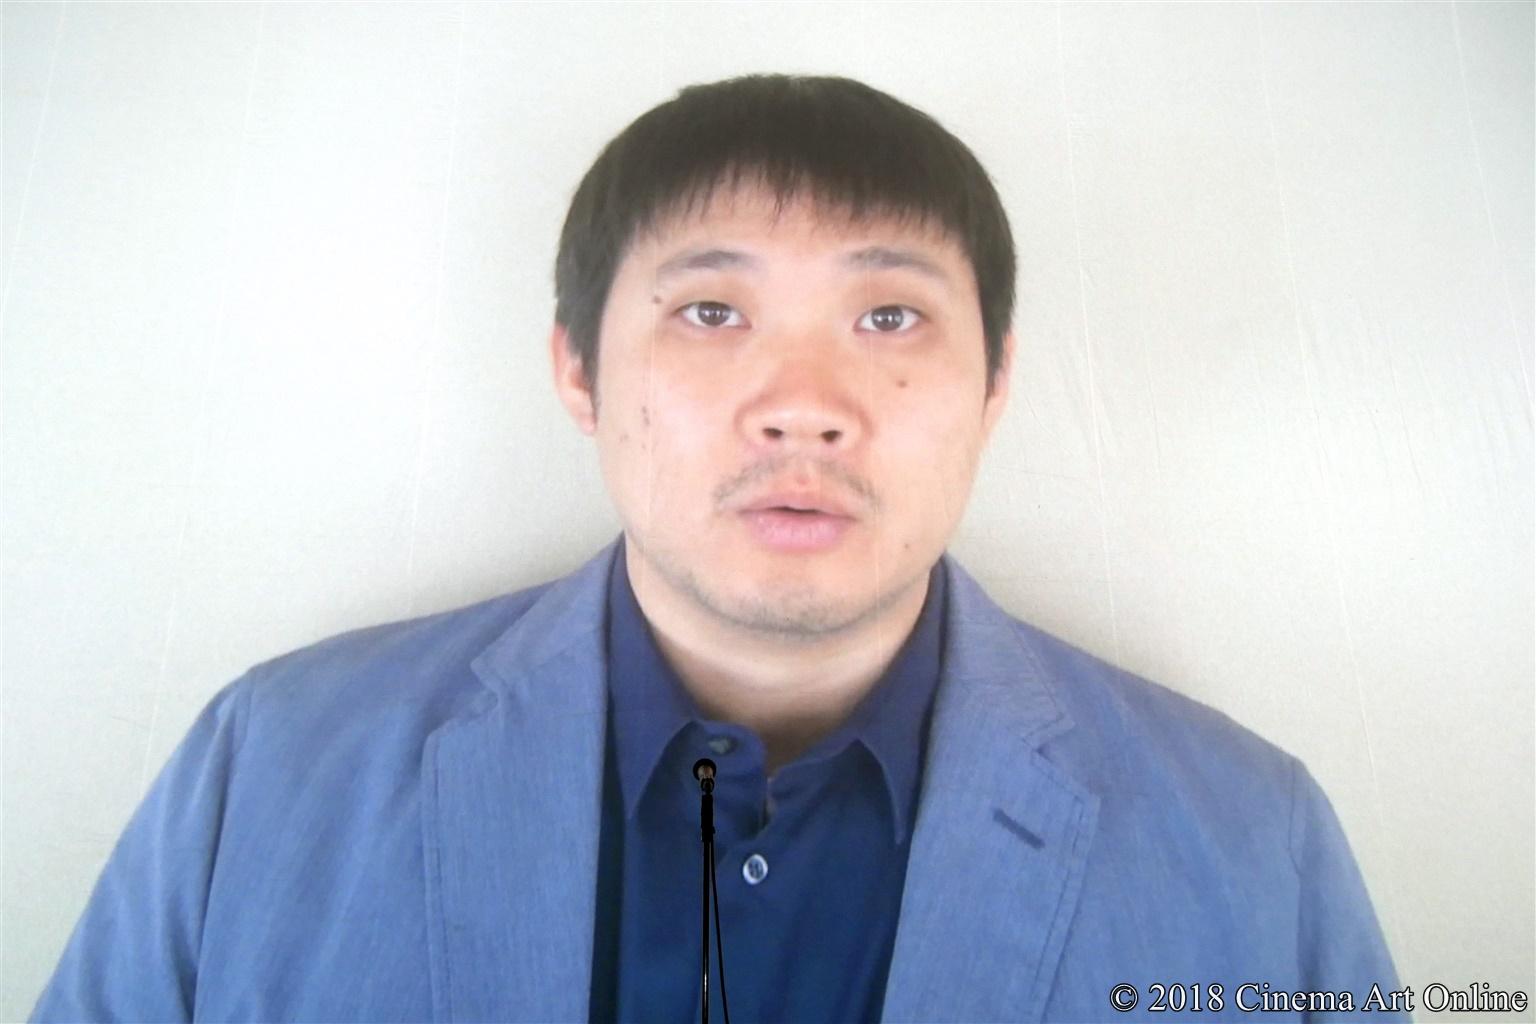 【写真】第10回 TAMA映画賞 授賞式 (濱口竜介監督)